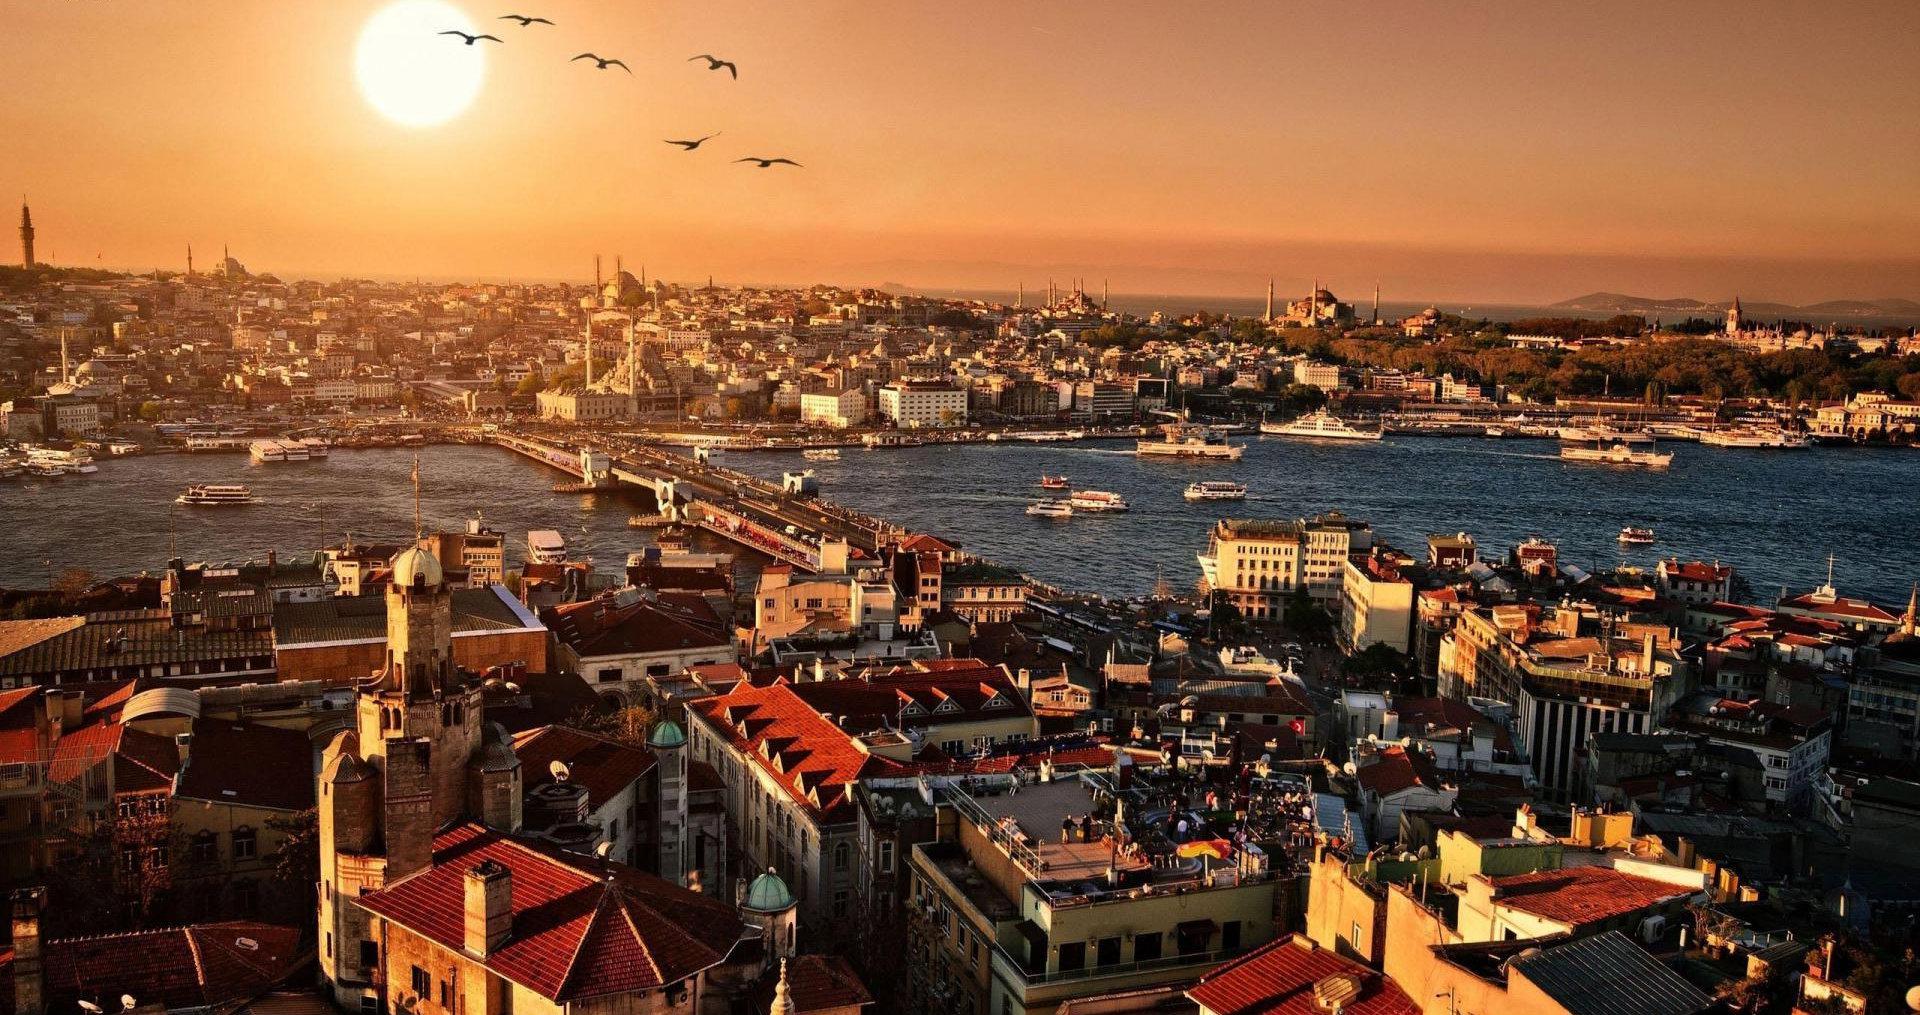 آمار عجیب خرید خانه در ترکیه توسط ایرانی ها طی یک ماه اخیر